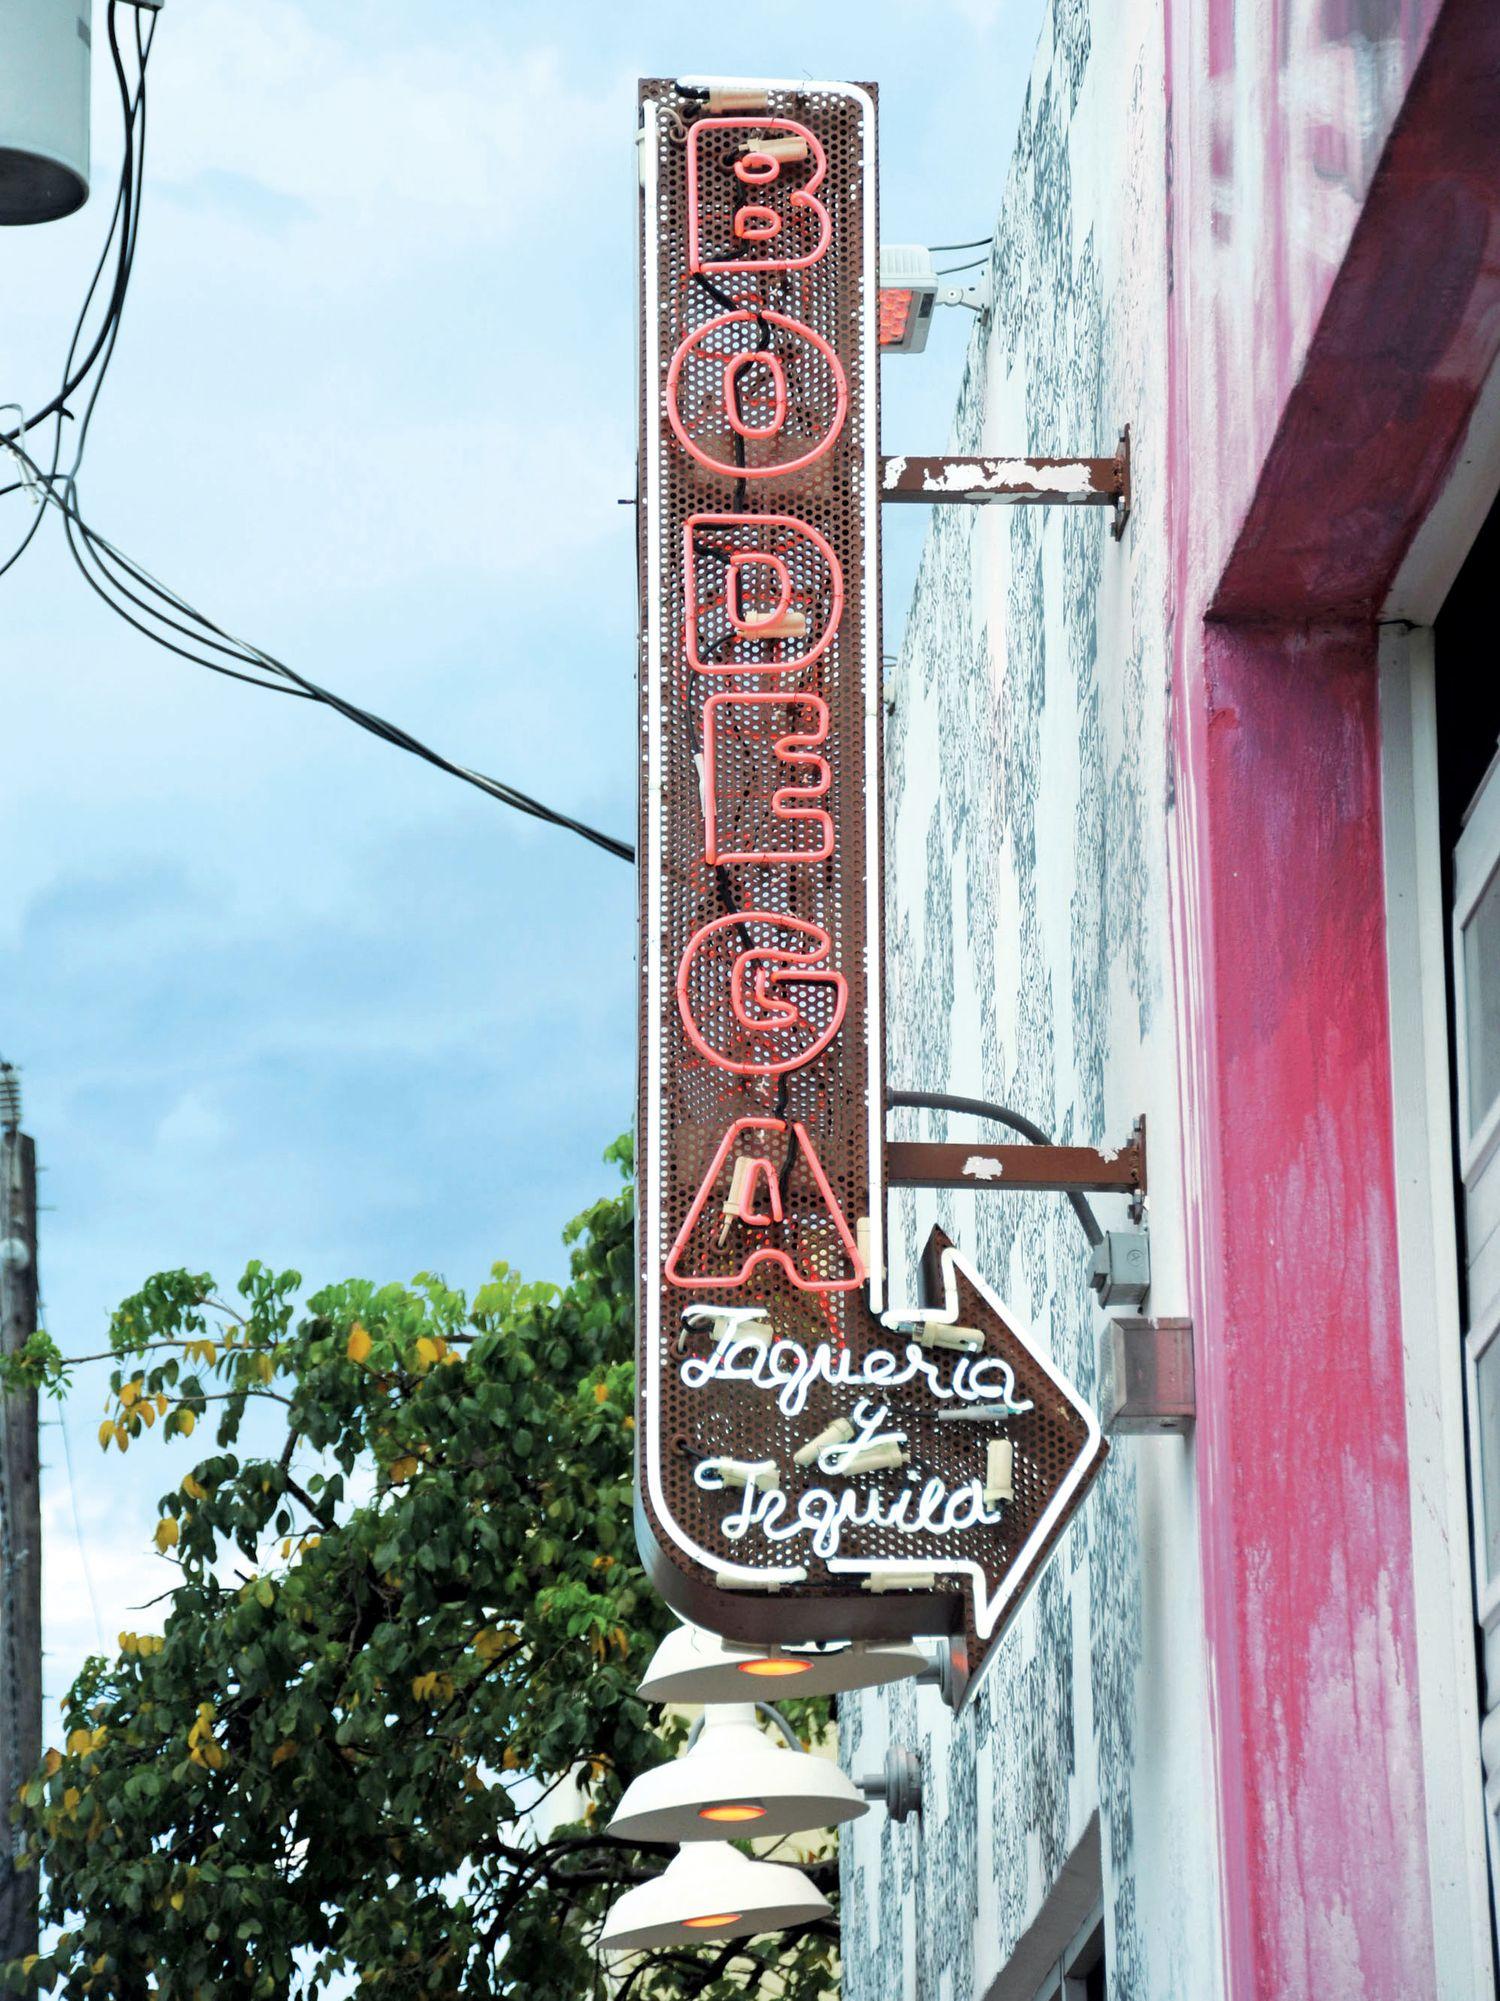 The sign of Bodega taqueria in Miami.